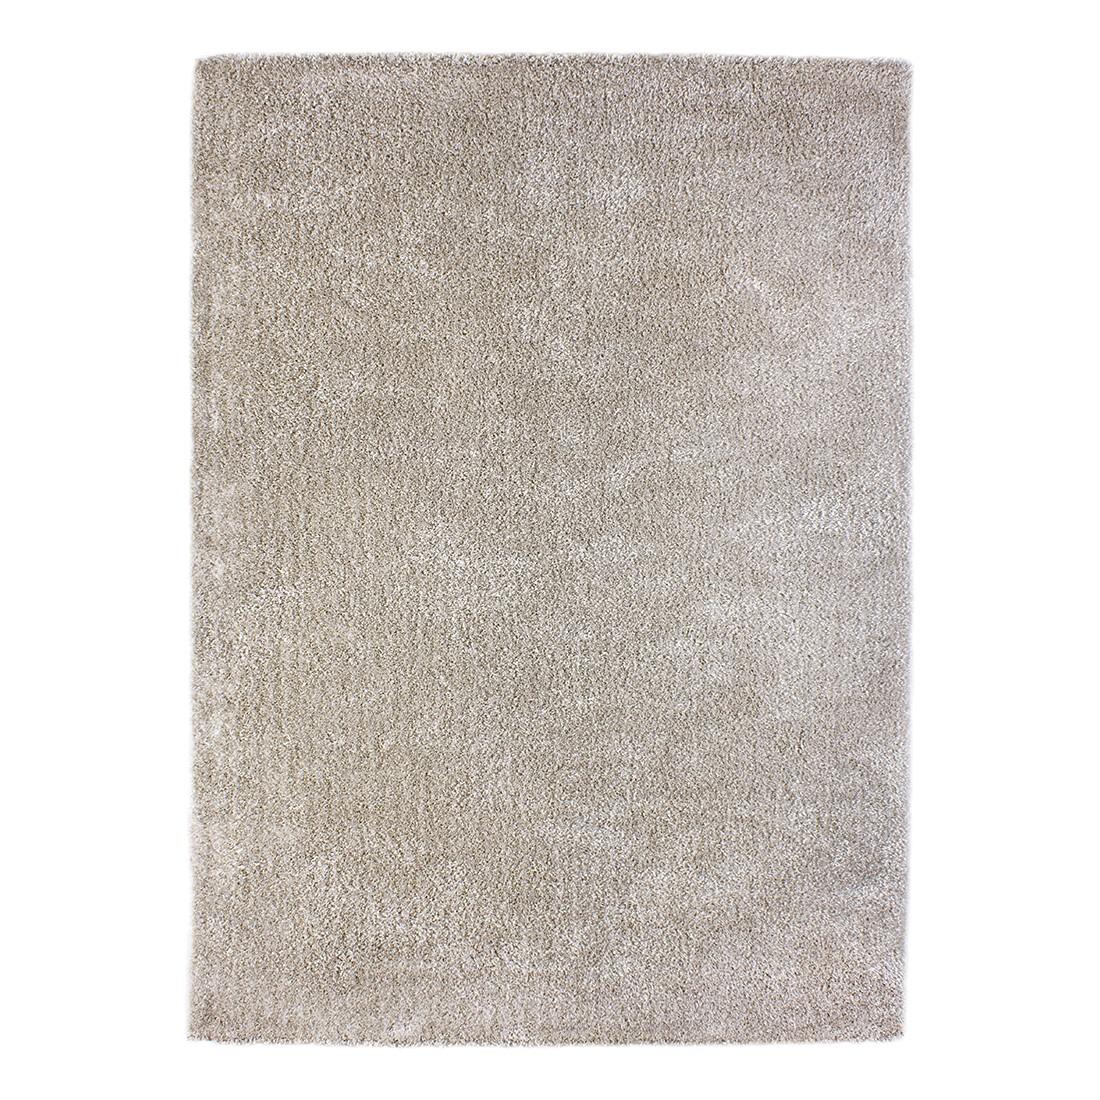 Teppich Montgomery – 133 x 190 cm – Beige, andiamo günstig kaufen